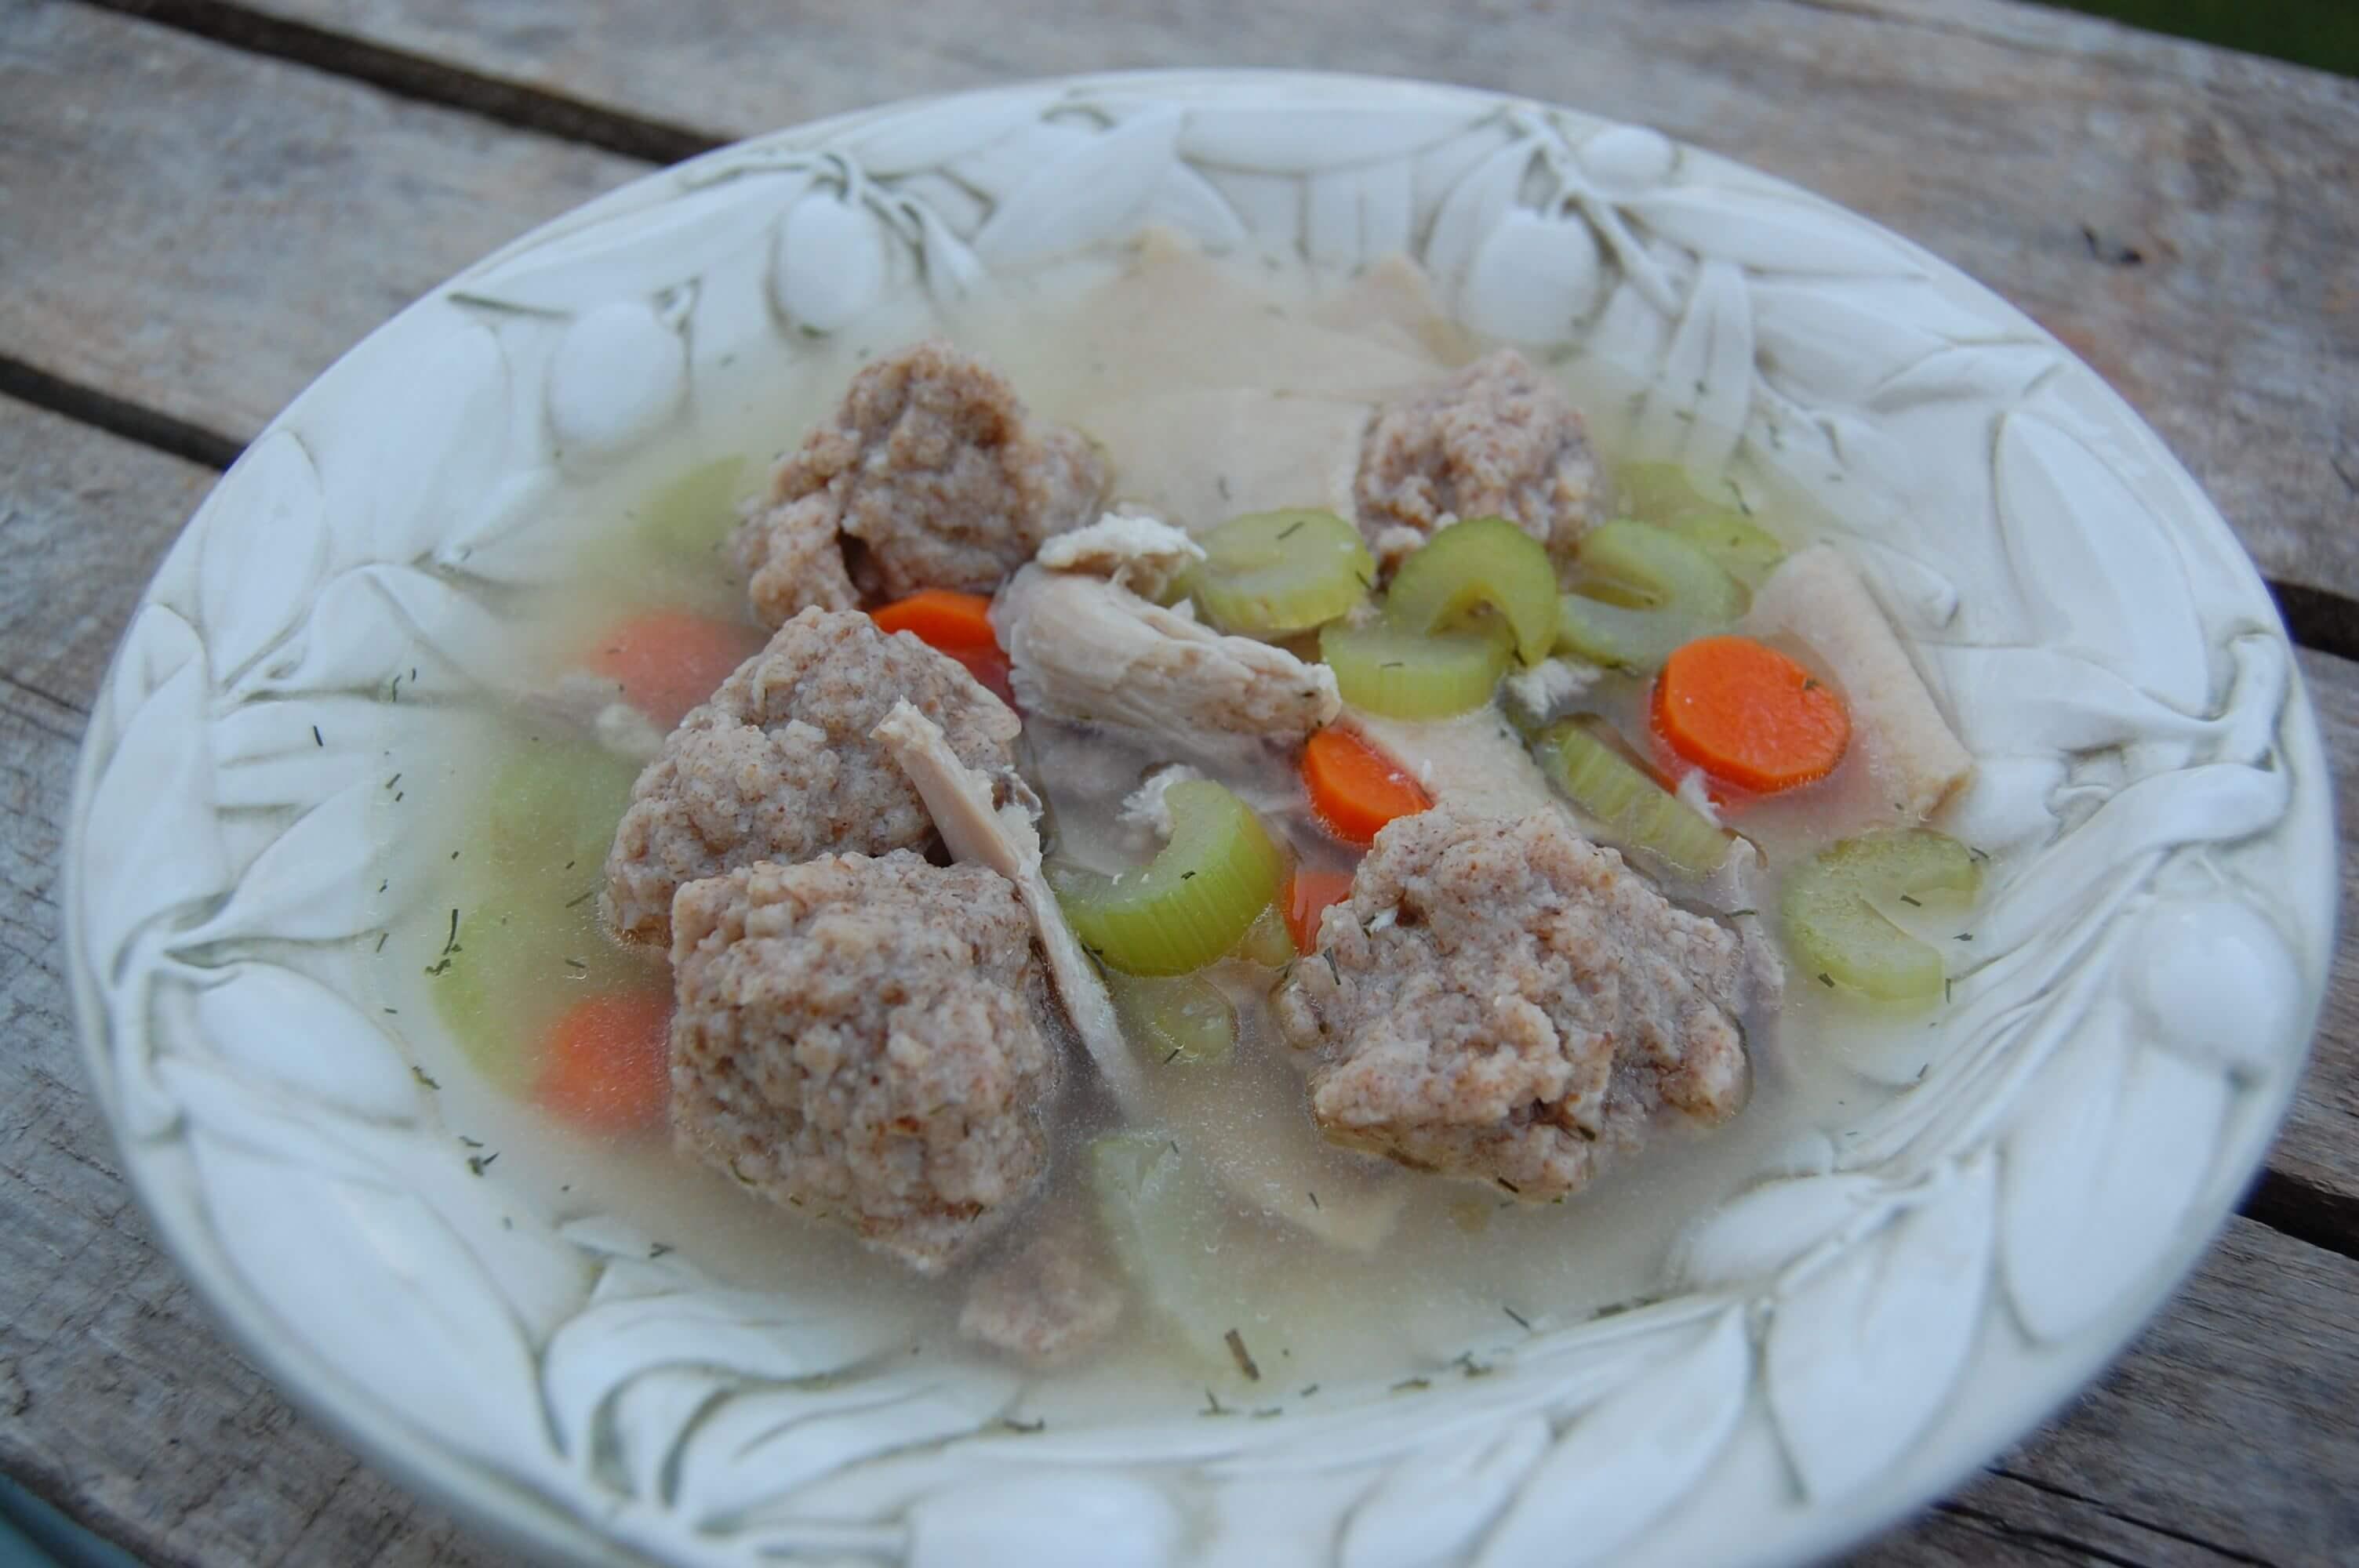 Homemade matzo ball soup in a bowl.